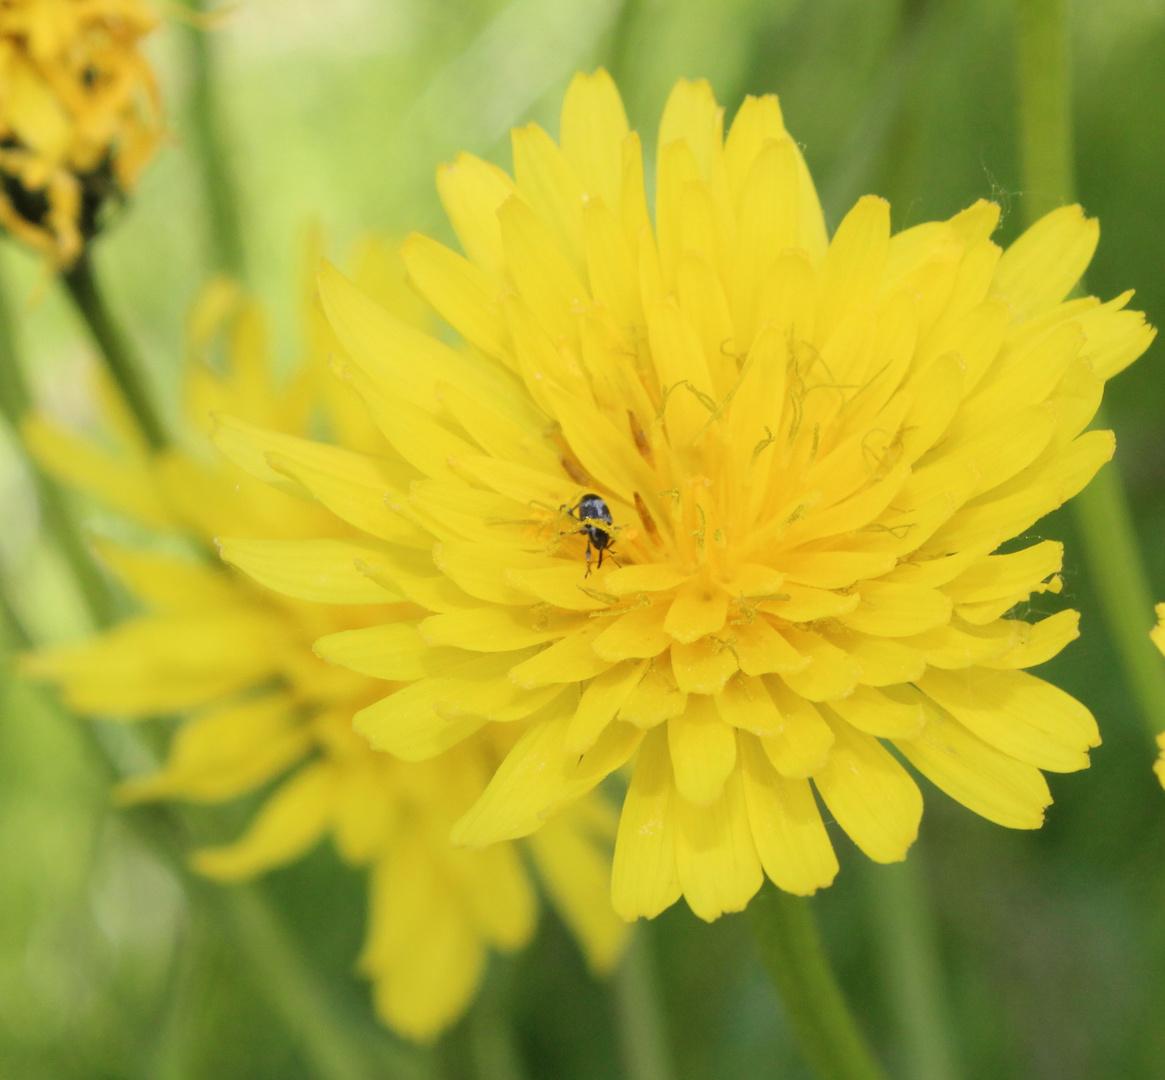 Kleines Insekt auf Blume.